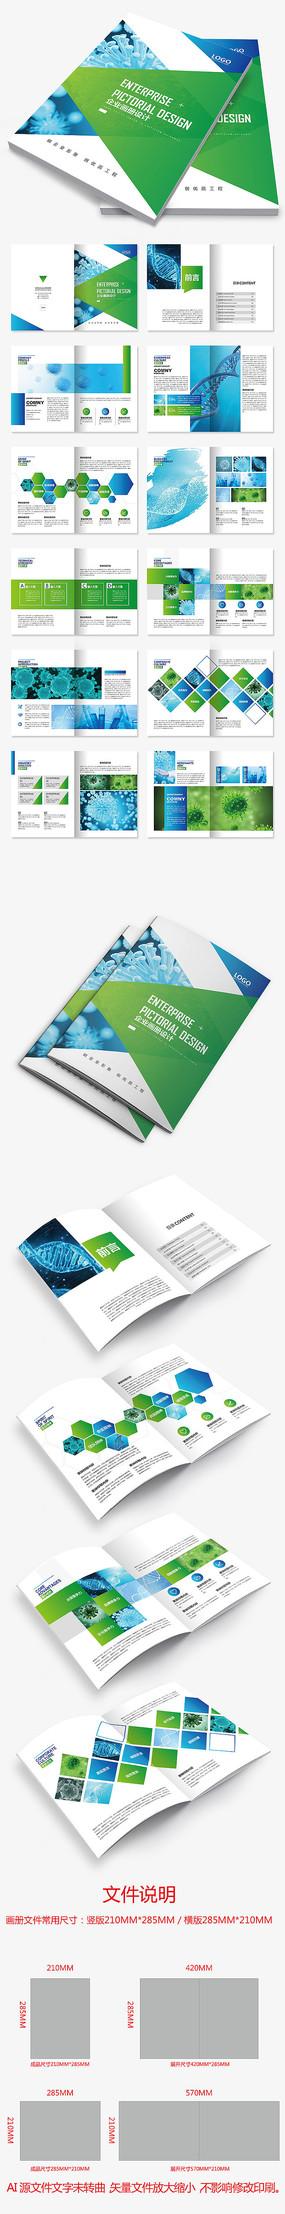 蓝绿色清新医院医疗科技生物医药画册设计